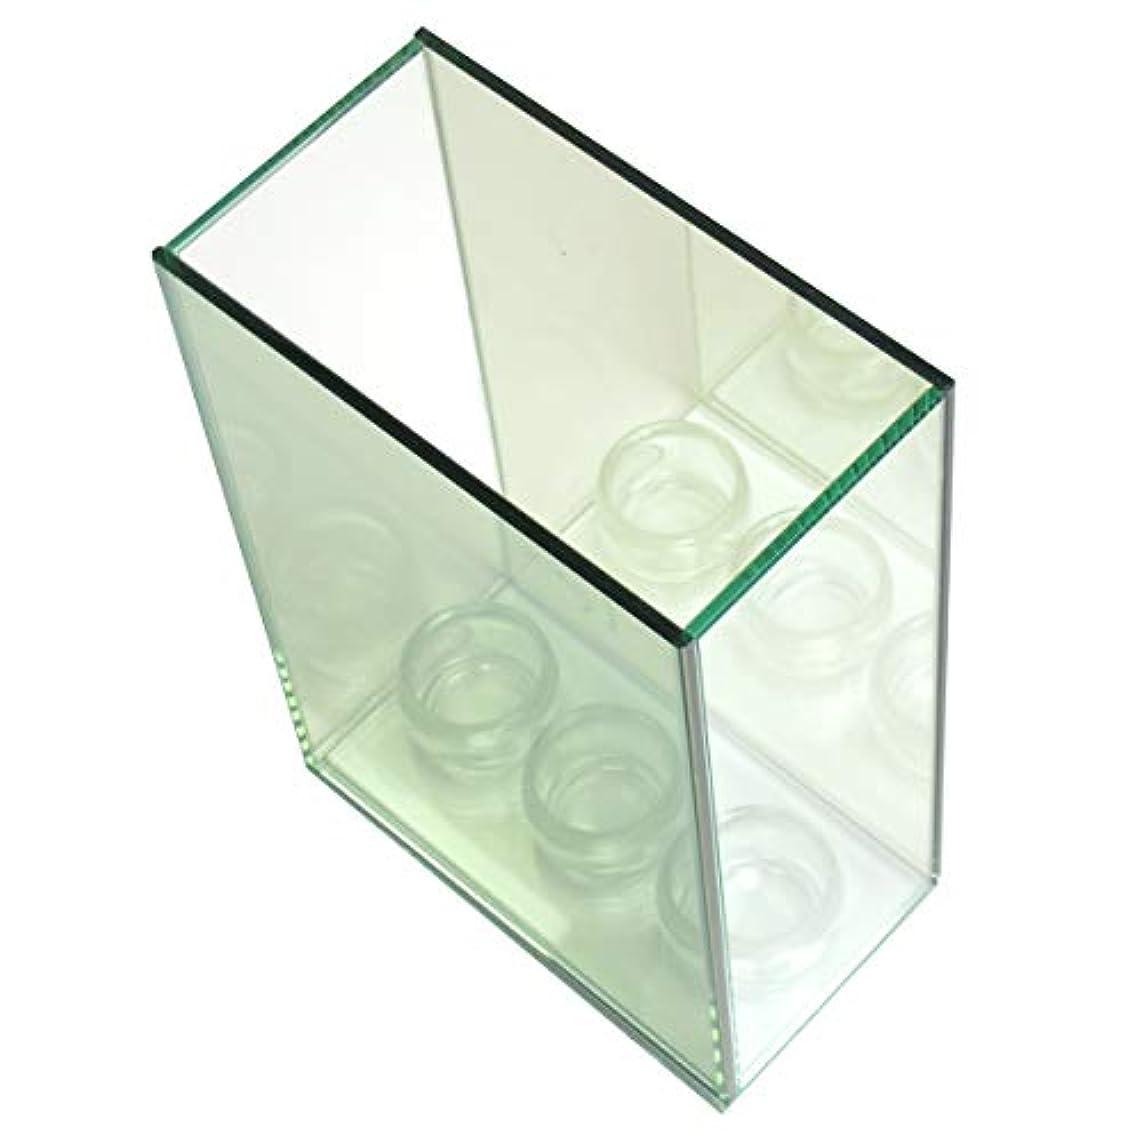 バーチャルコーンウォール徹底無限連鎖キャンドルホルダー 3連 ガラス キャンドルスタンド ランタン 誕生日 ティーライトキャンドル